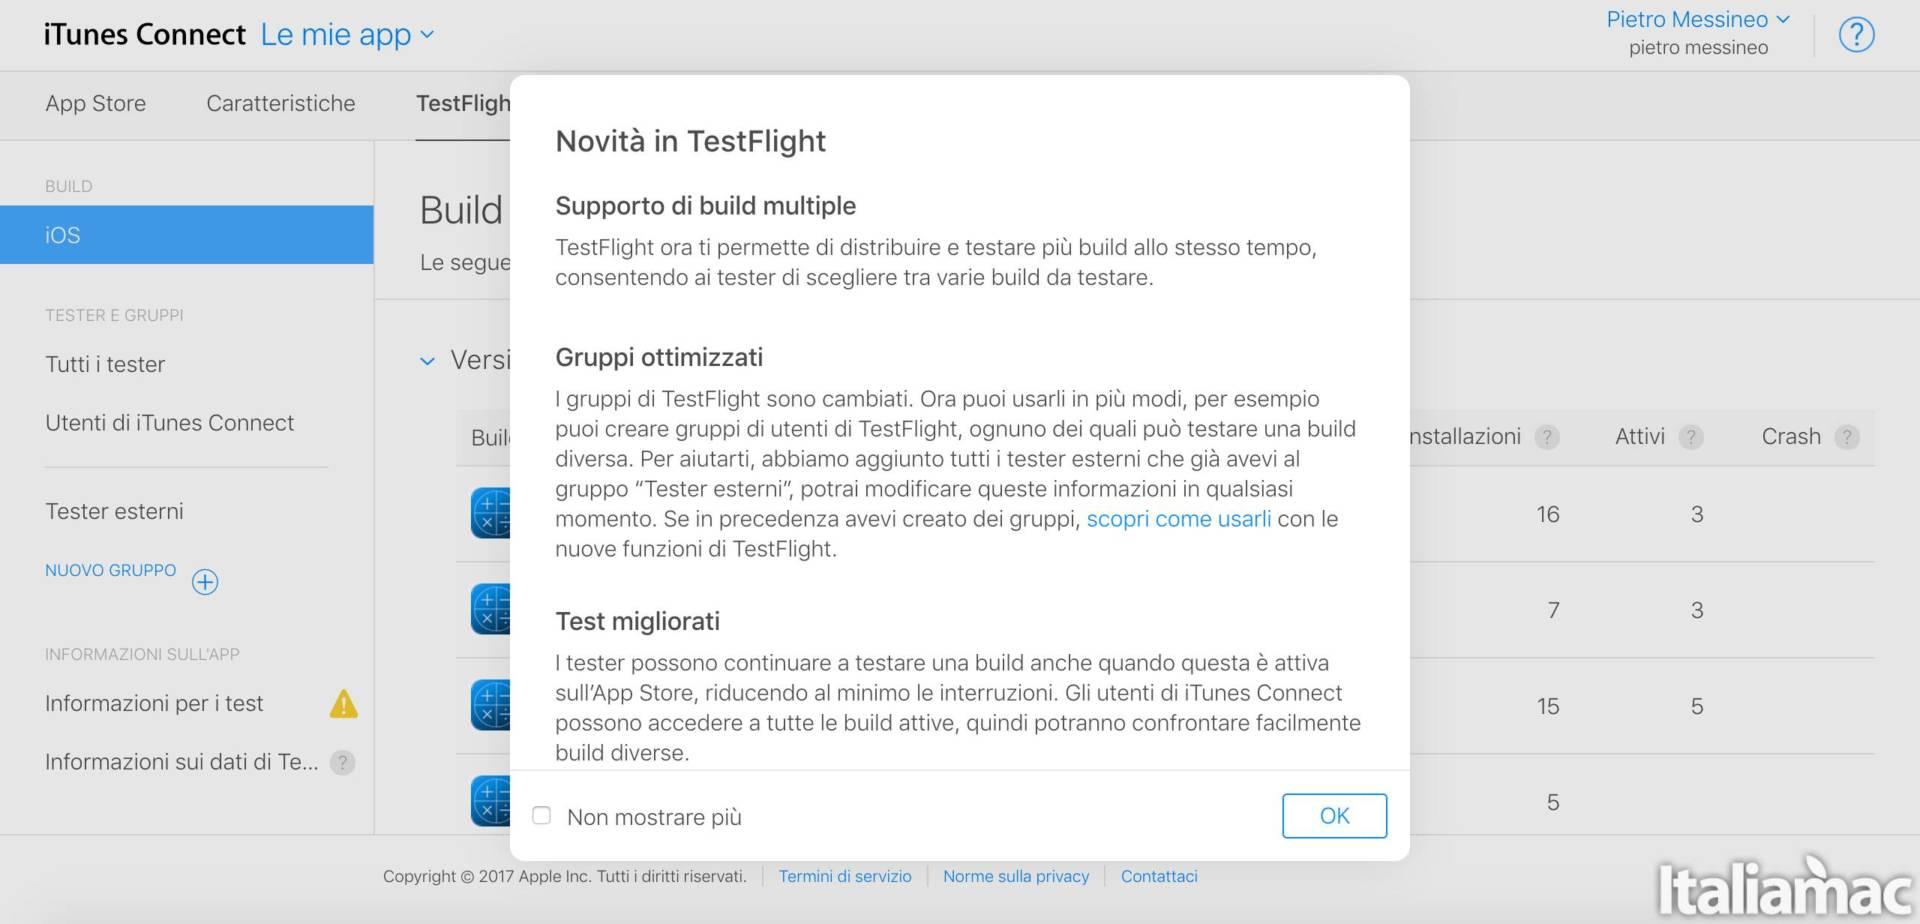 testflight platform TestFlight si aggiorna introducendo il supporto alle build multiple e test fino a 90 giorni